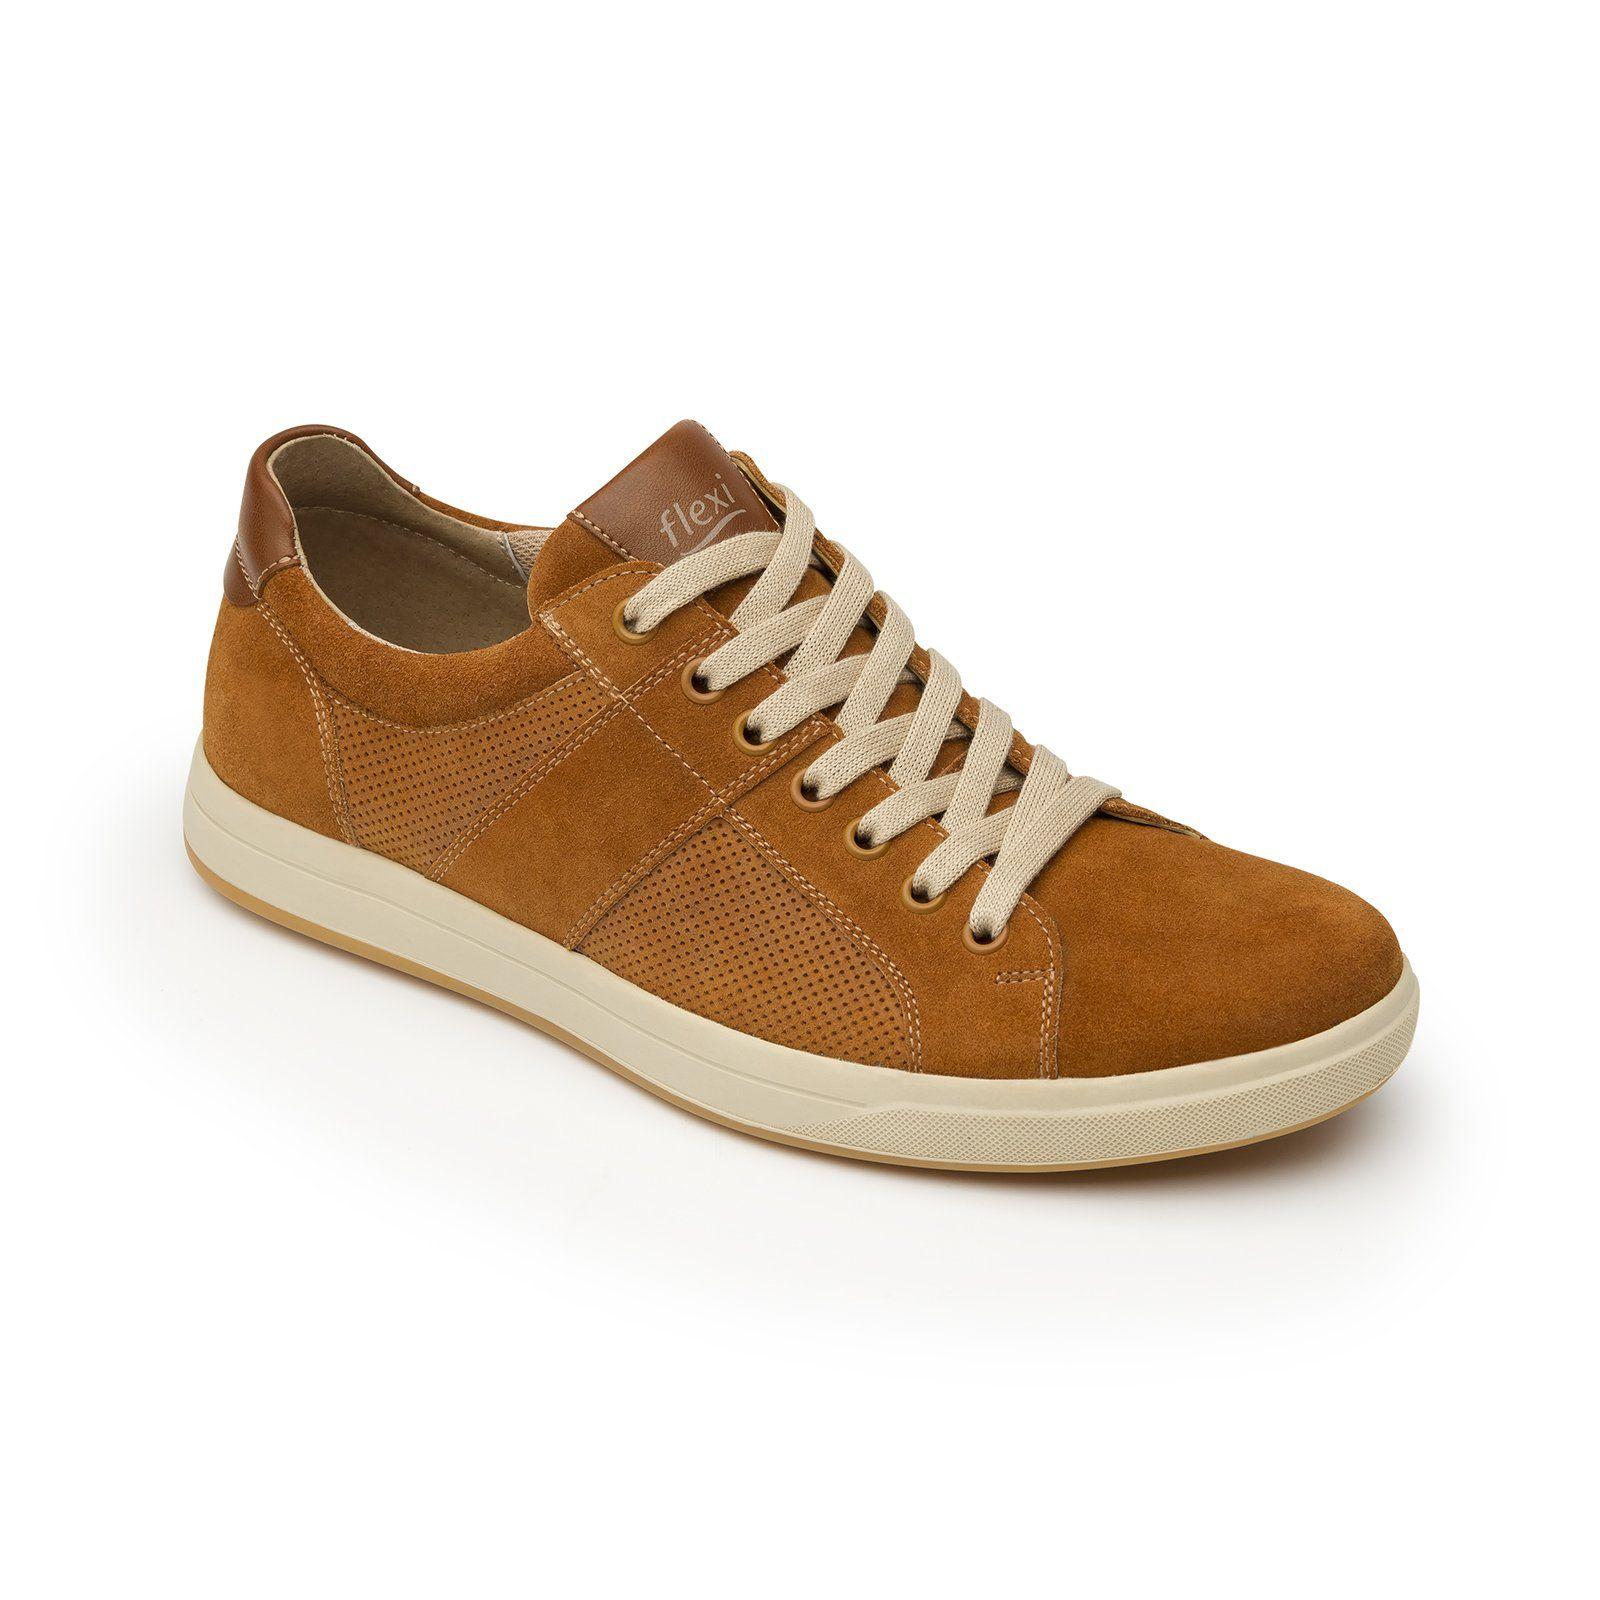 Sneaker Urbano Honey 47701 Sneakers casuales, Venta de